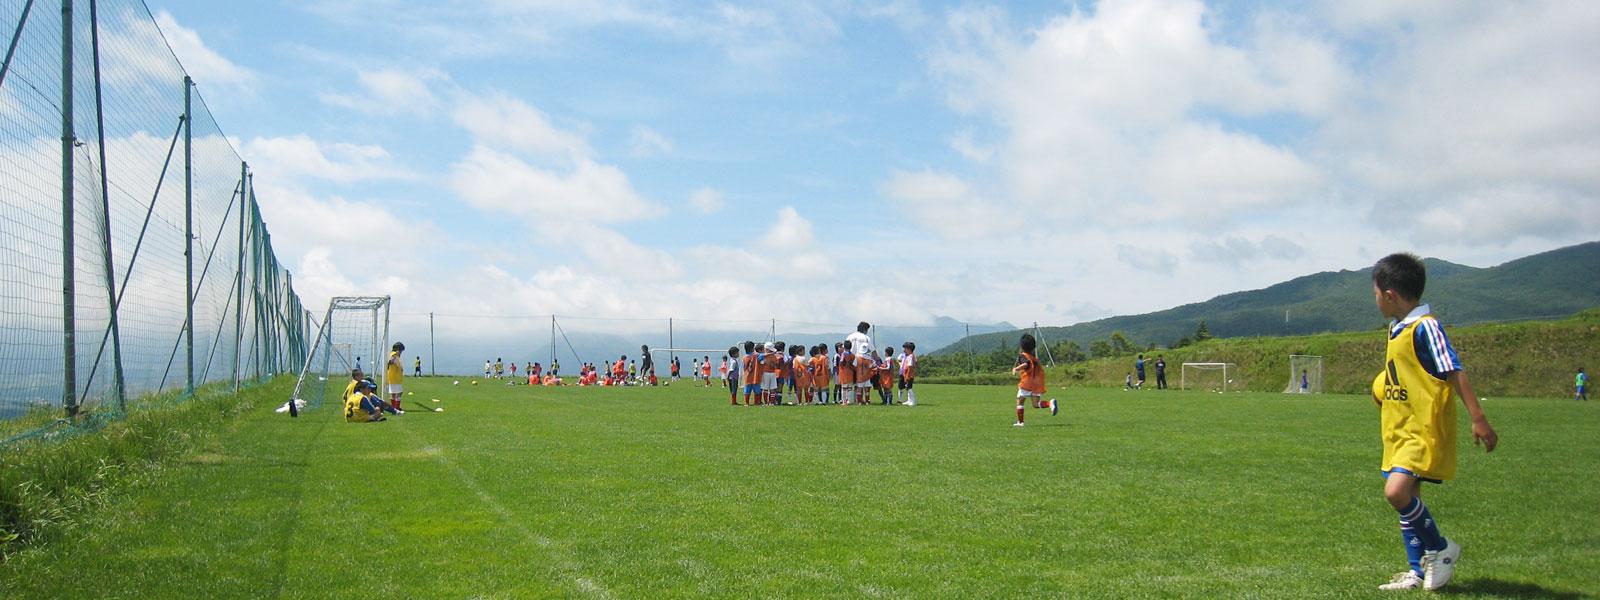 夏のスポーツ合宿大歓迎!